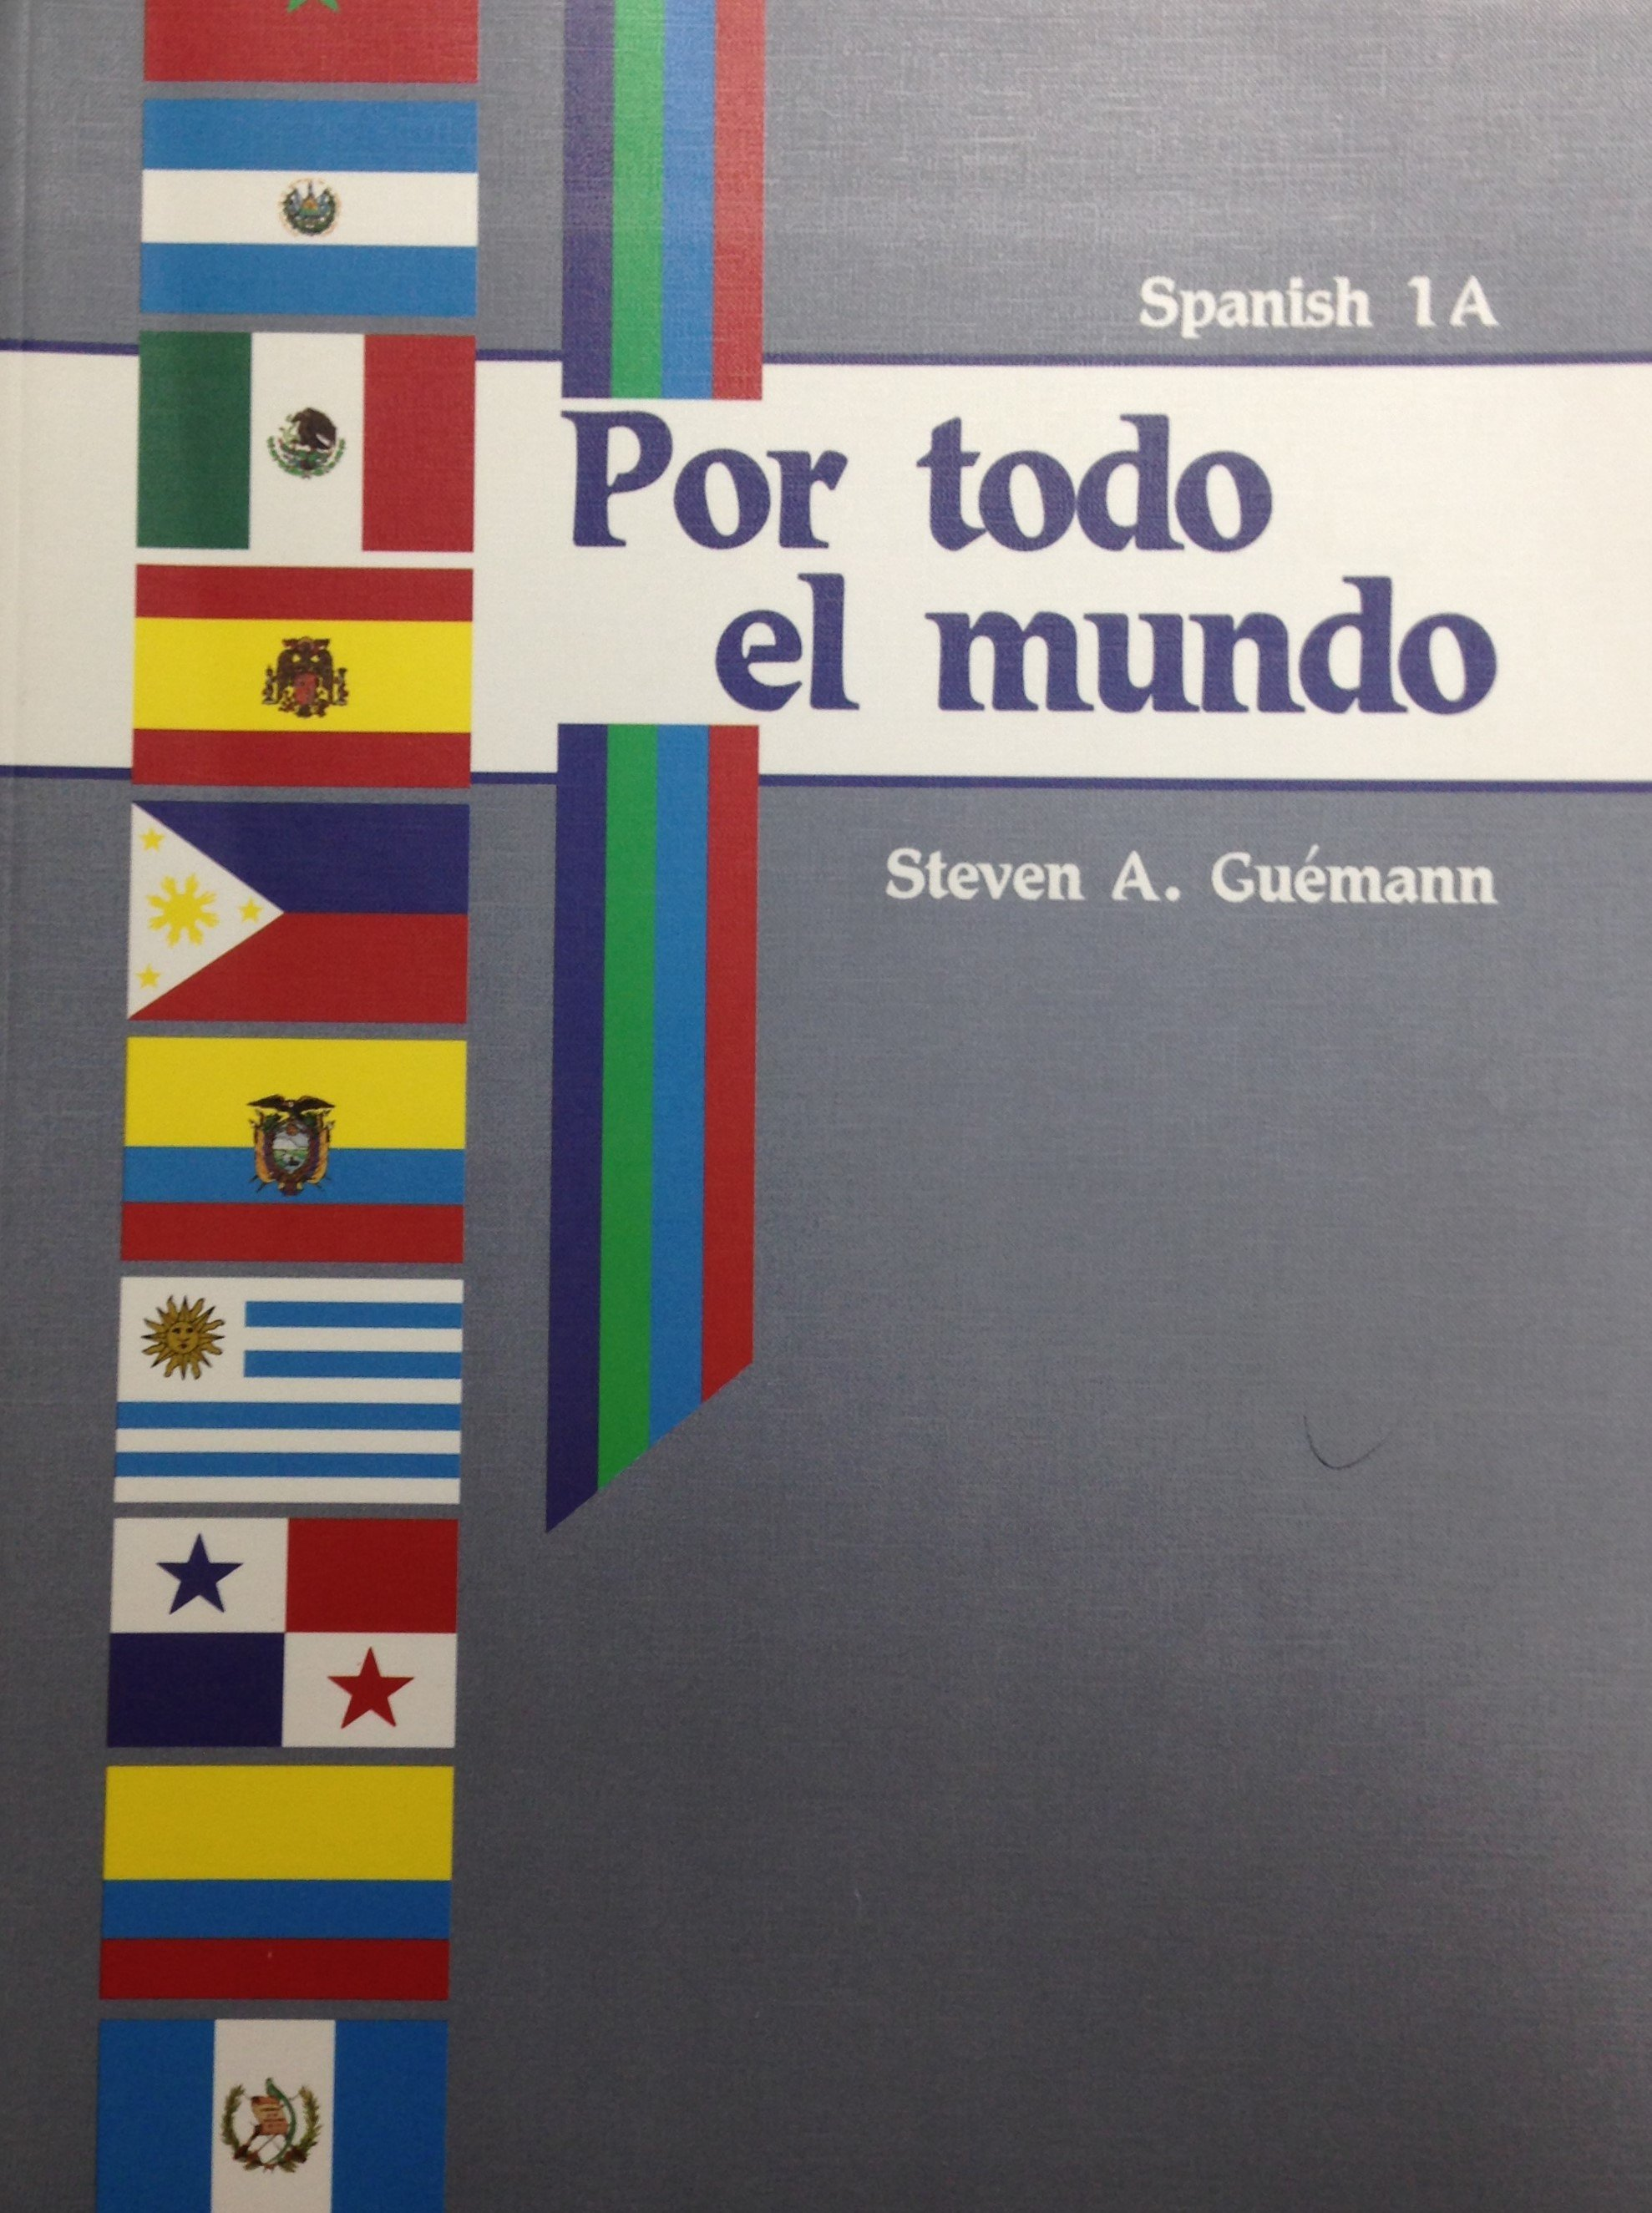 Por todo el mundo Spanish 1 Curriculum ABeka 00058